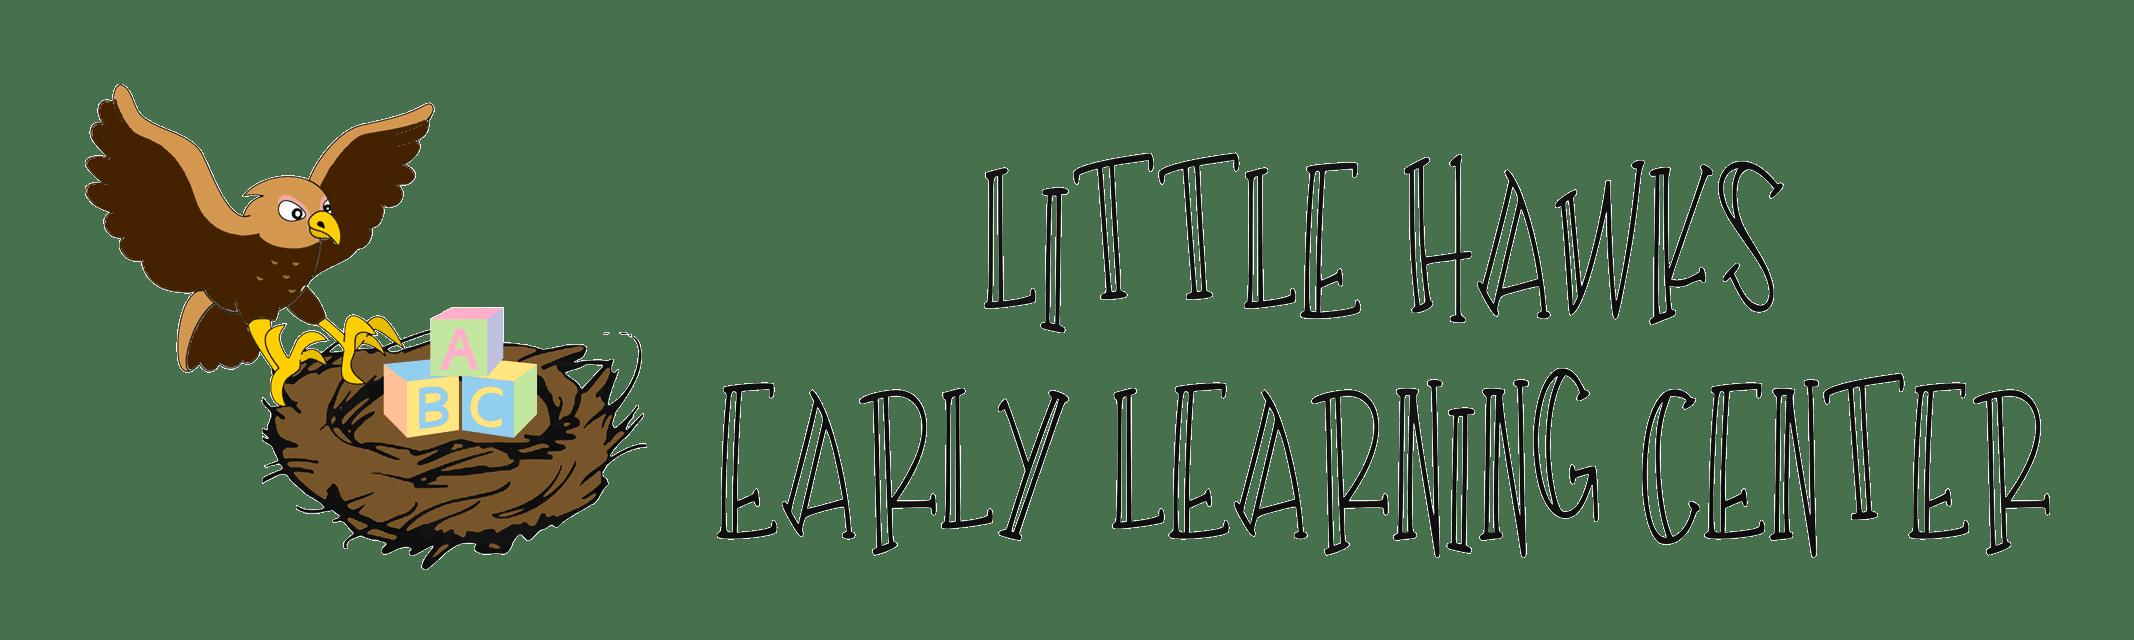 Little Hawks Early Learning Center